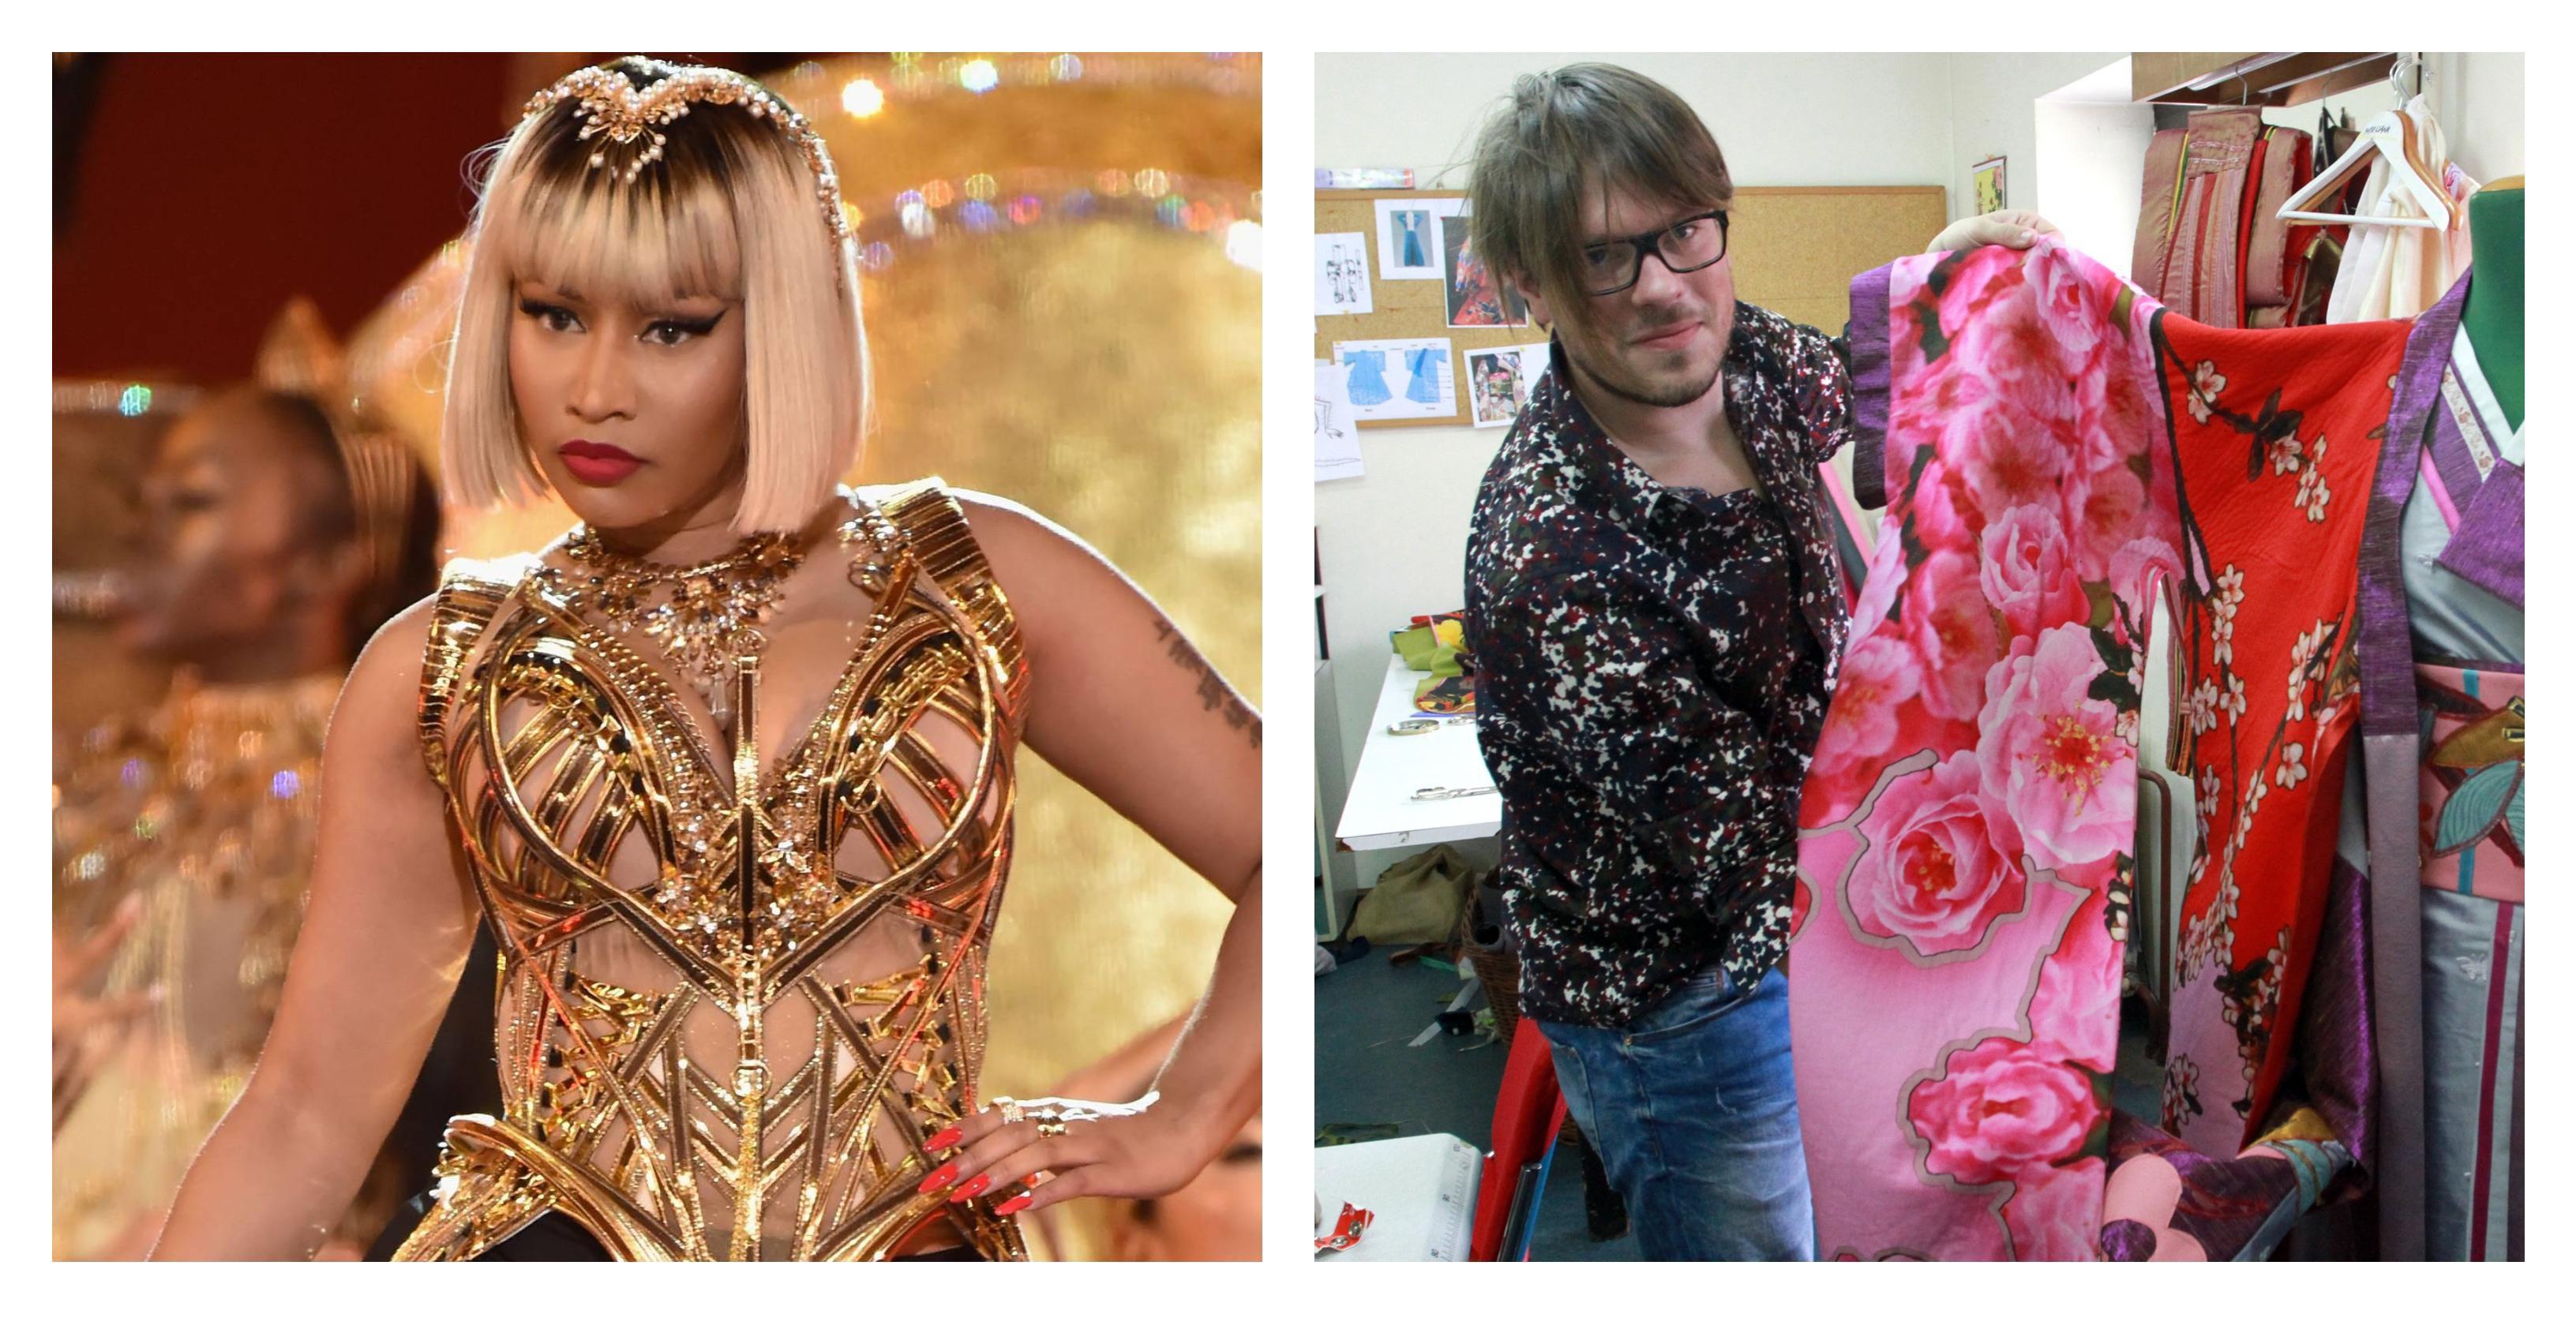 """Juraj Zigman: """"Dogovorili smo stylinge za novi spot, Nicki Minaj je tip žene koji se dobro osjeća u mojim kreacijama"""""""